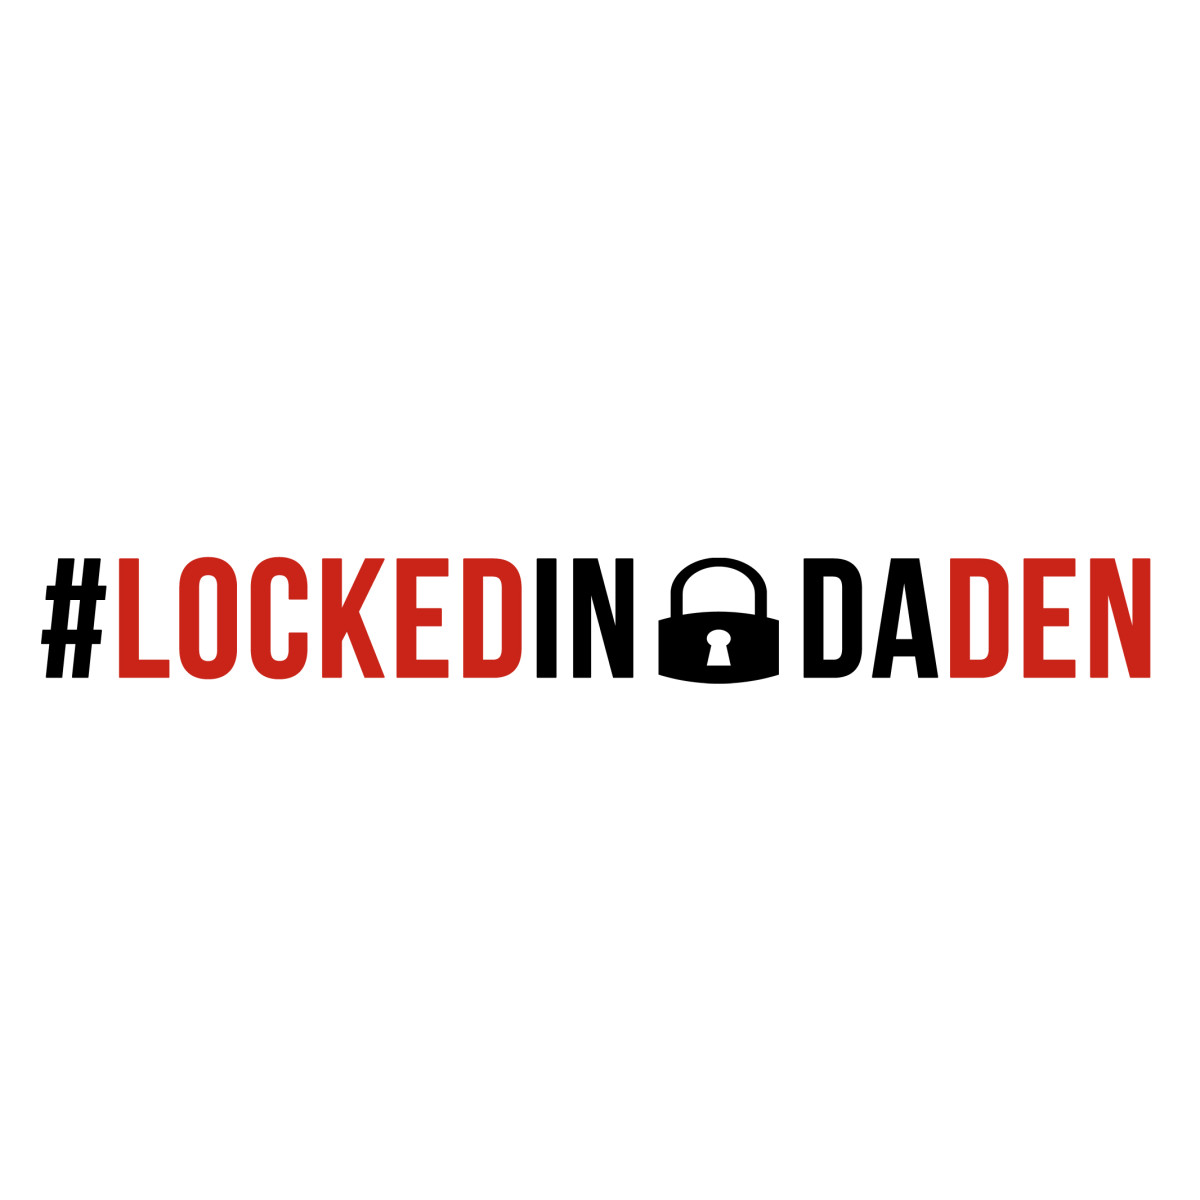 #LockedInDaDen